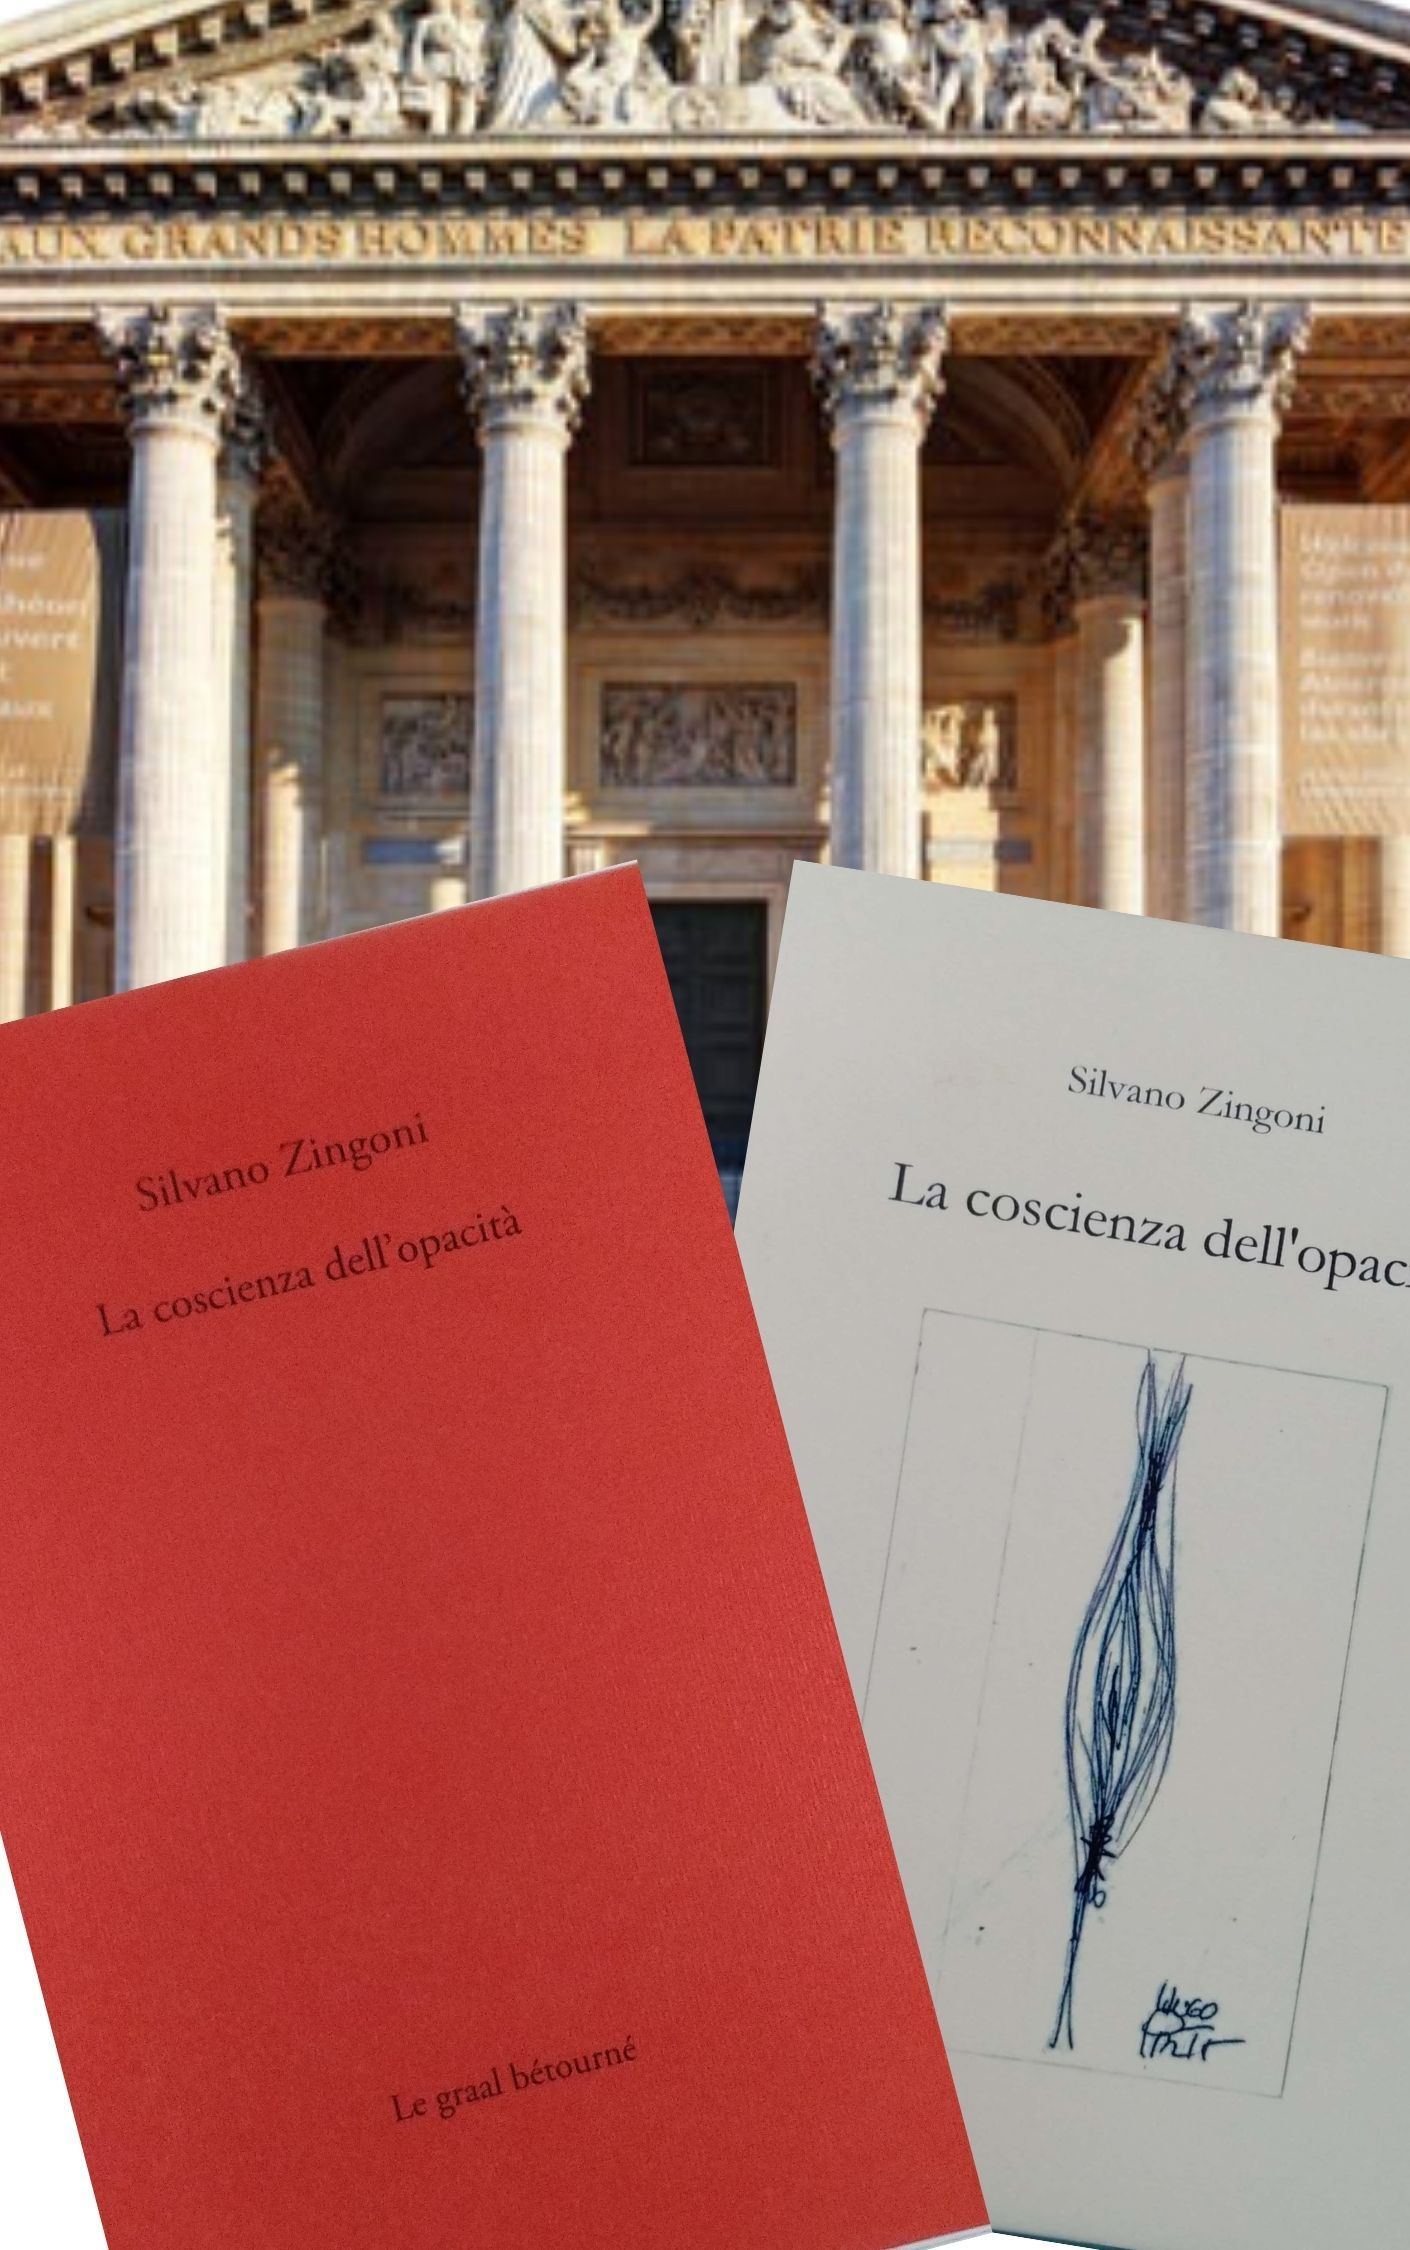 """La seconda edizione de """"La coscienza dell'opacità"""" di Silvano Zingoni: un libro sui libri quasi impossibile da ottenere…"""